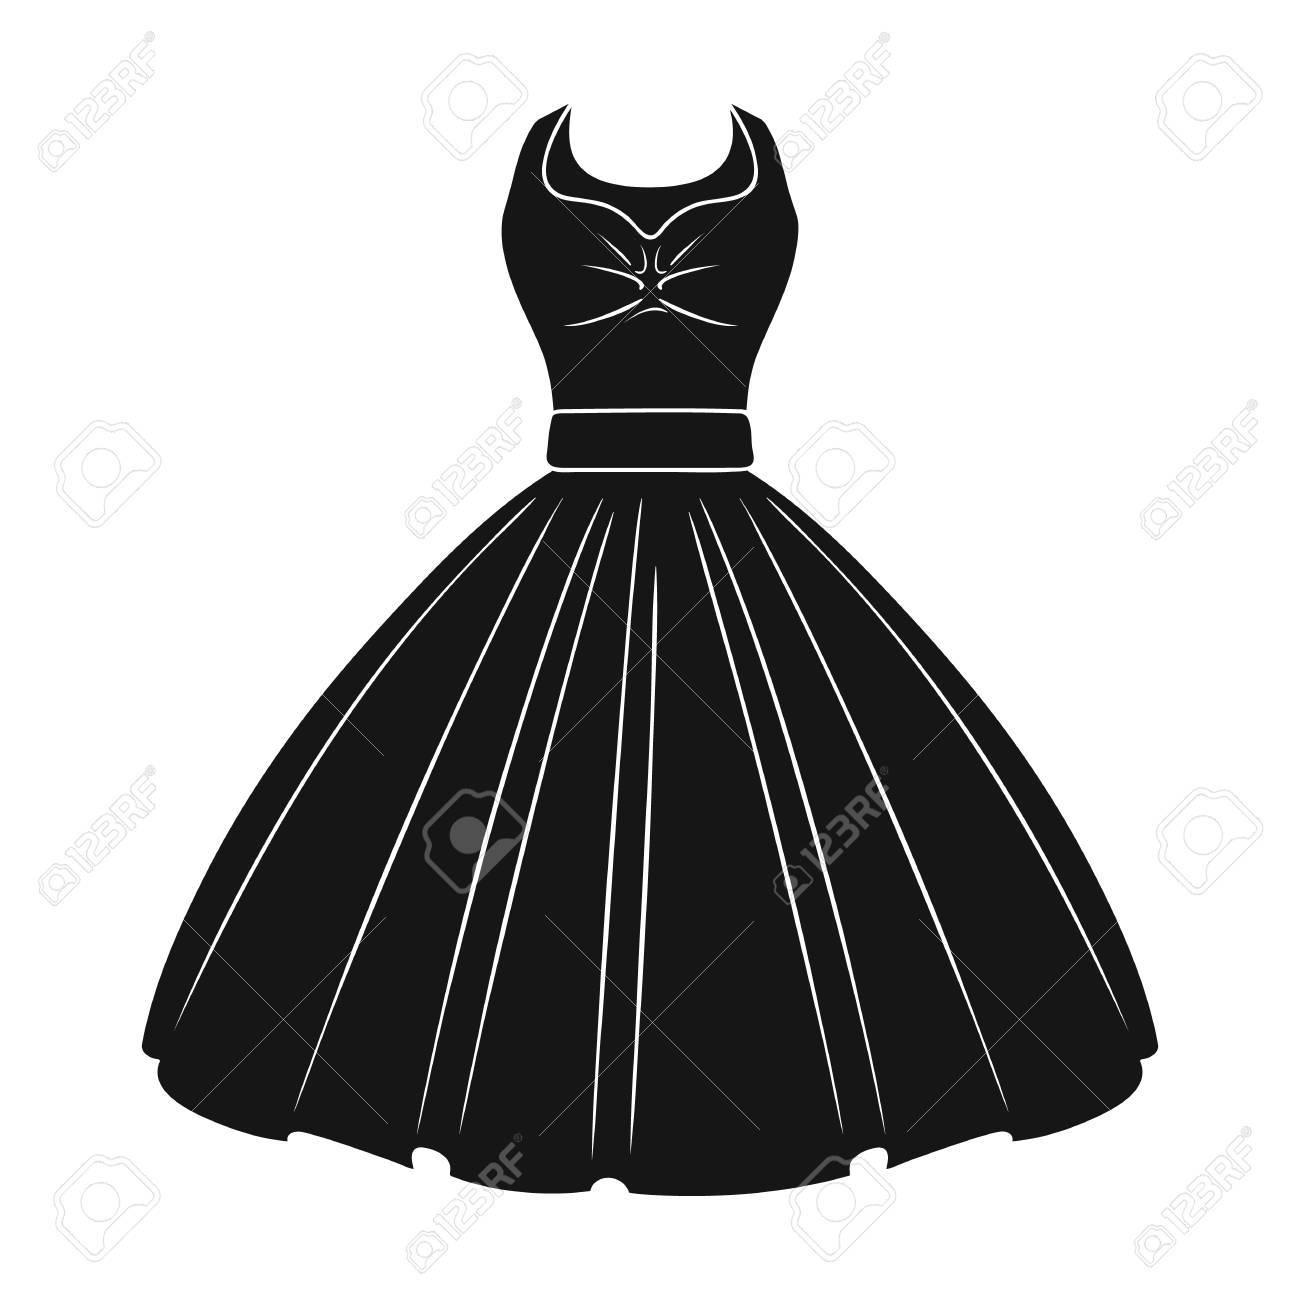 女の子のふわふわの白いウェディング ドレス。結婚式の摩耗。女性の服の黒のスタイルで 1 つのアイコン ベクトル シンボル ストック イラストです。